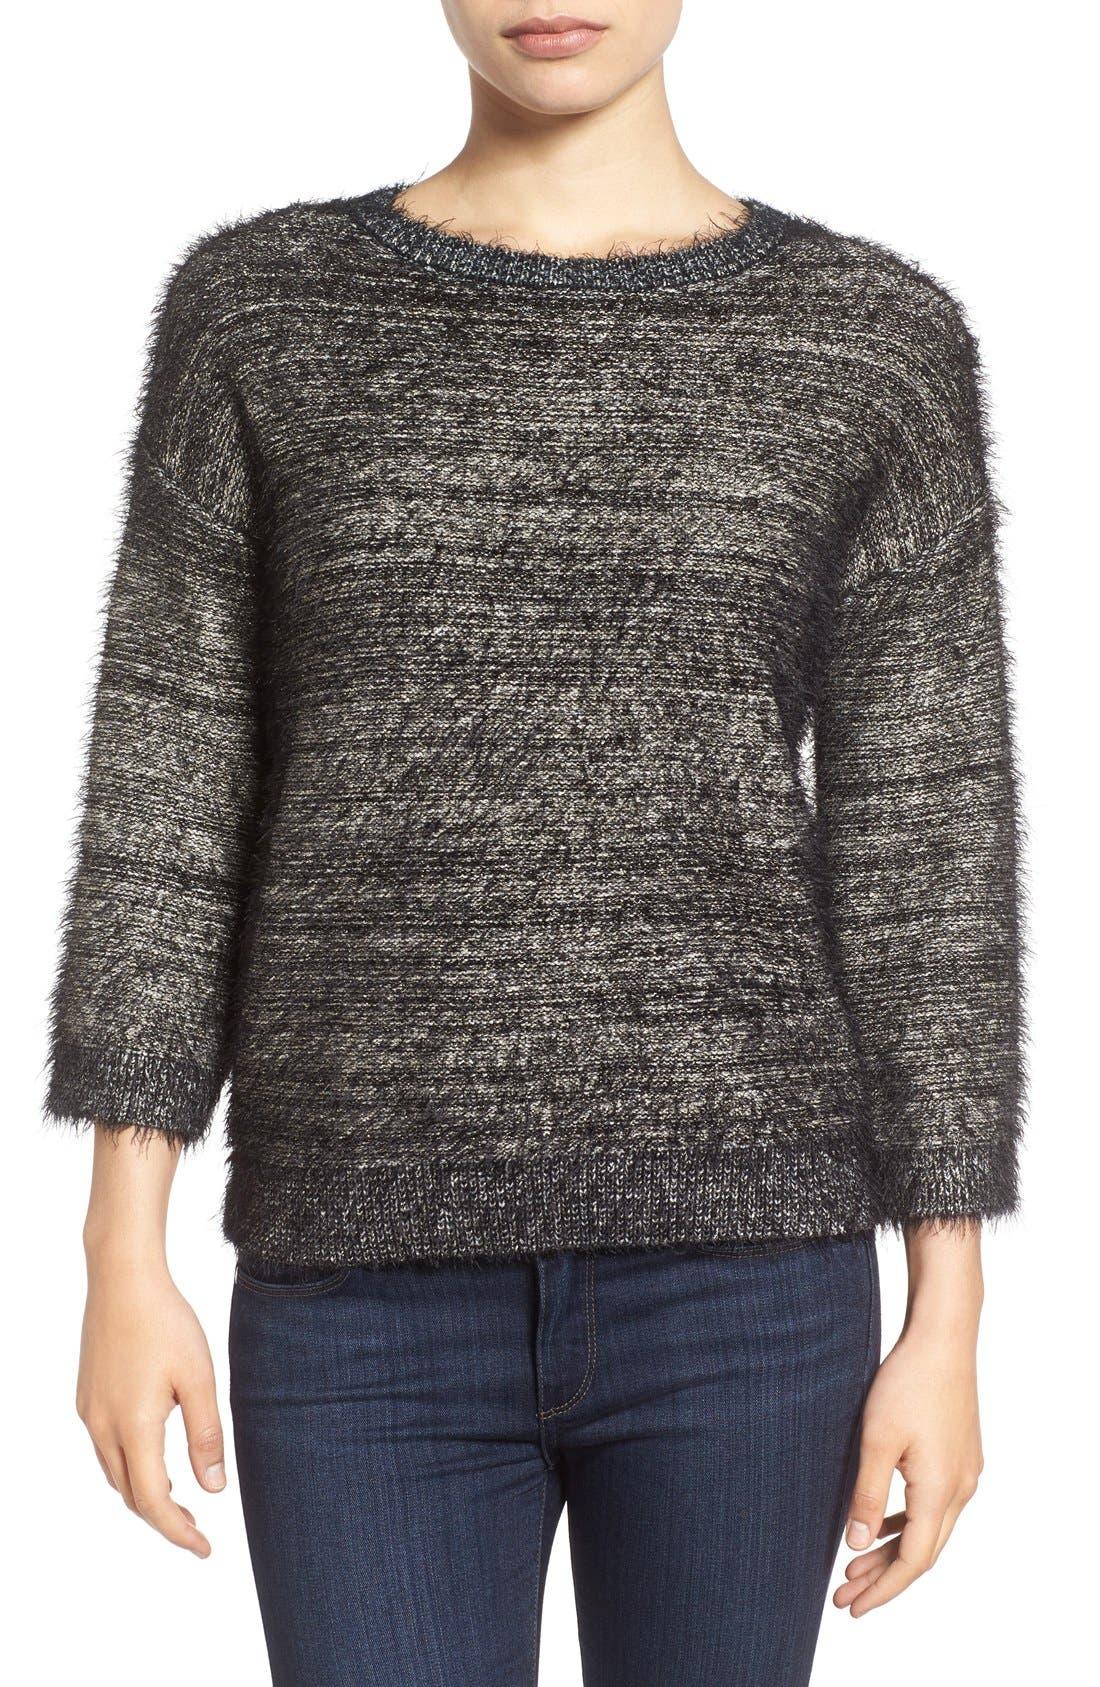 Main Image - Halogen® Metallic Eyelash Knit Sweater